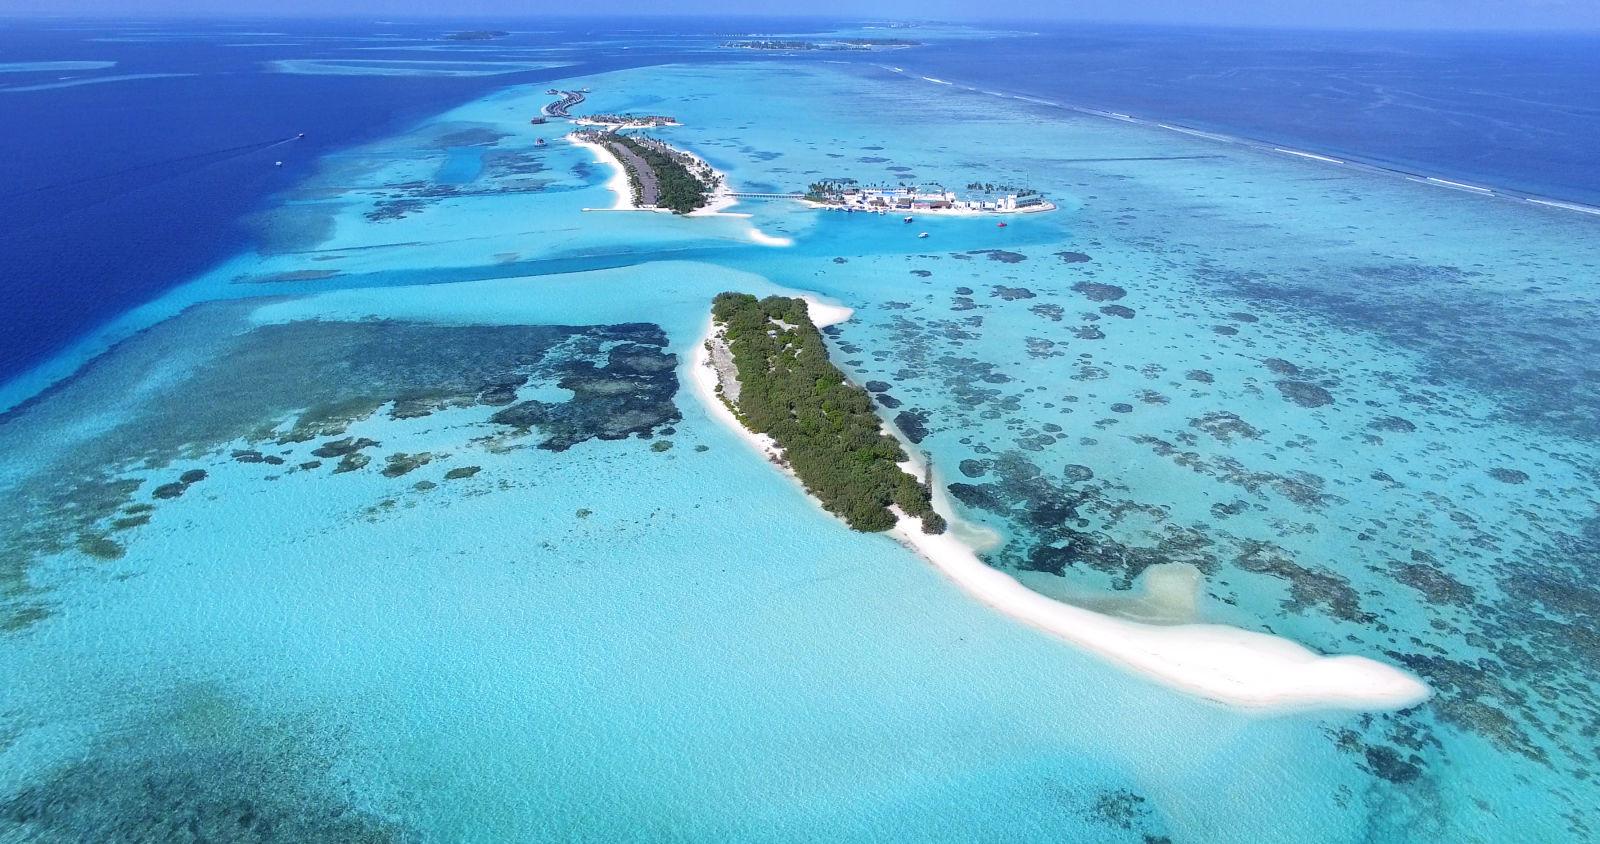 Asia, Kaafu Atoll, Maldives